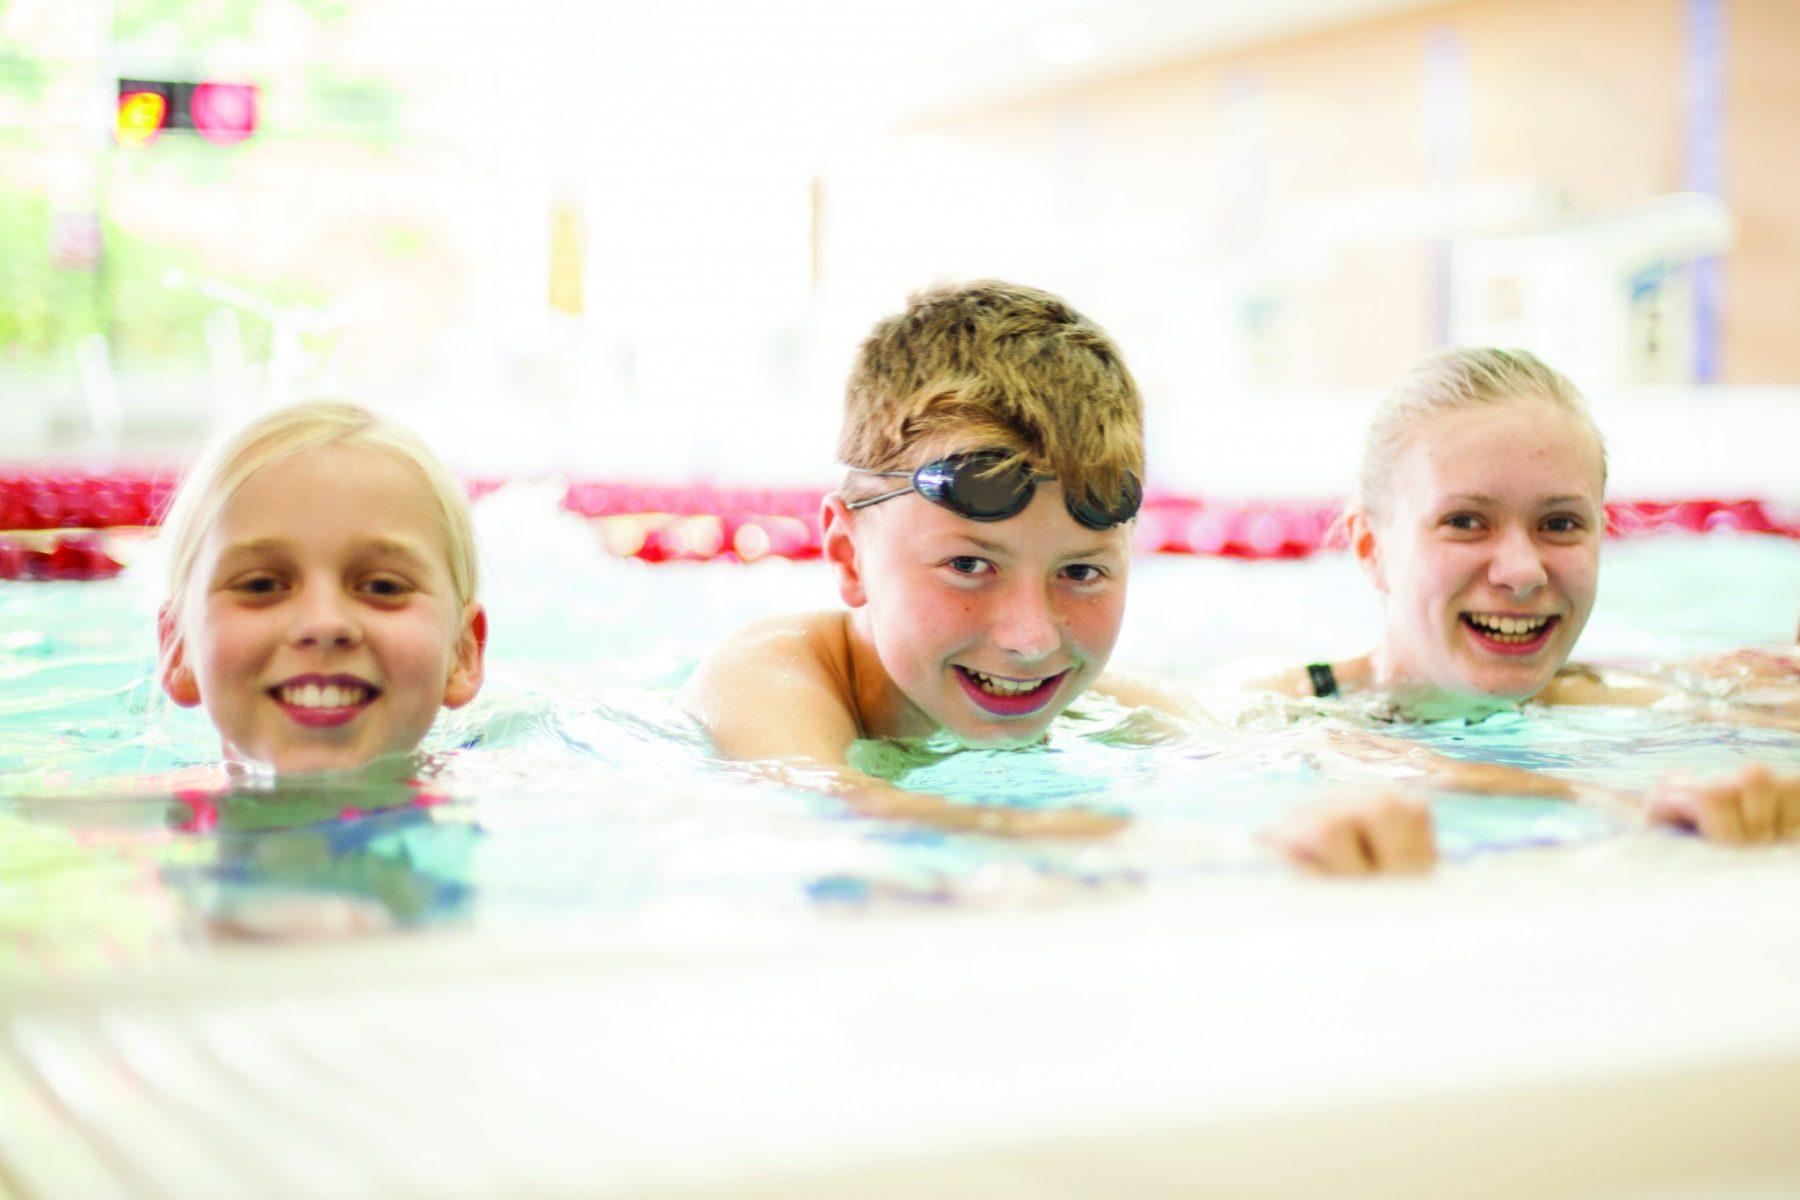 Whitgift Summer School - Inglés y deportes cerca de londres